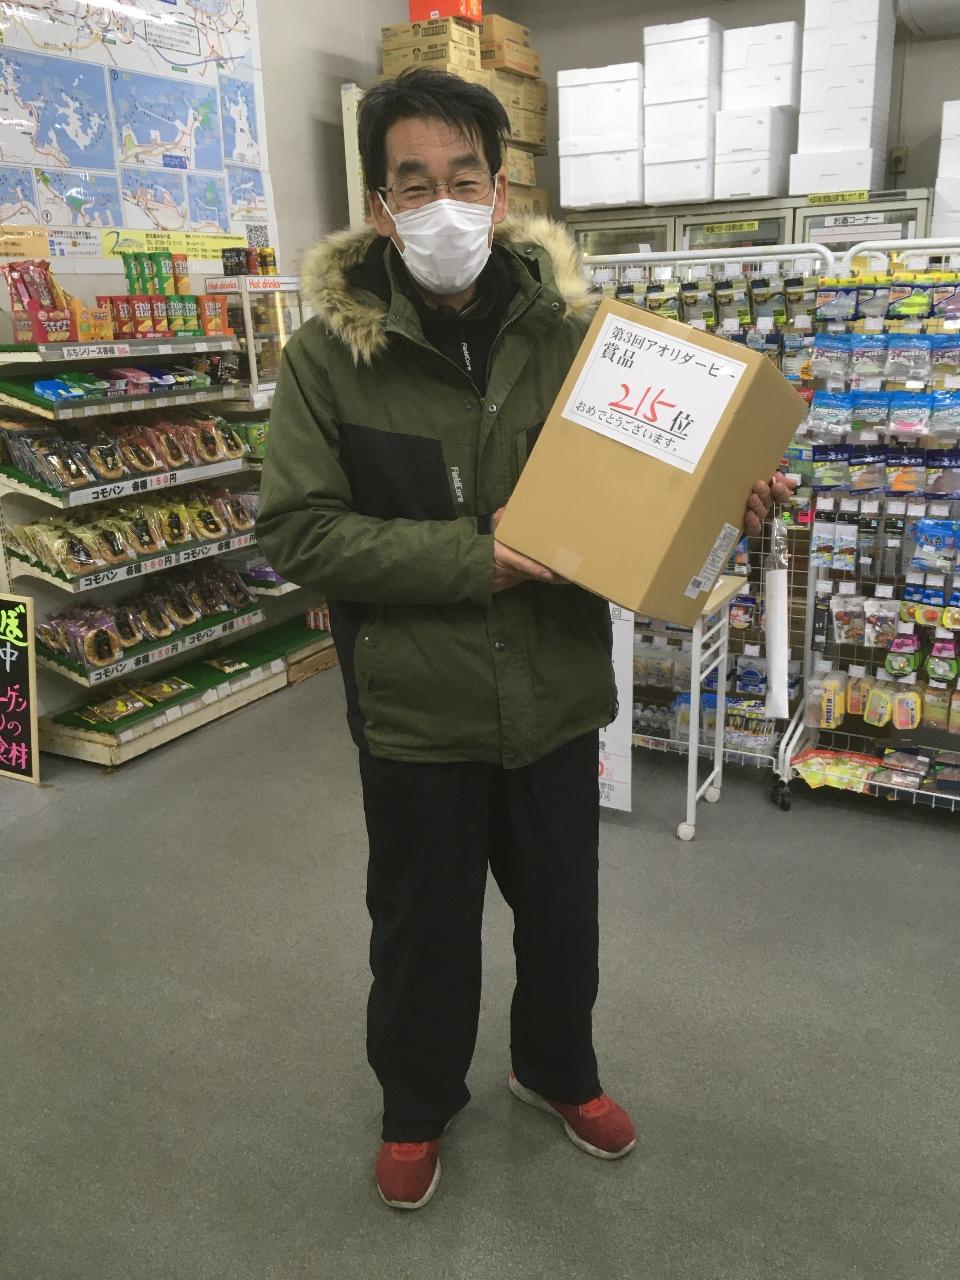 12/25    第5回アオリダービー     215 位  ヒゲじい様  一斗缶おかき・おせんべい詰め合わせget !! おめでとうございます。